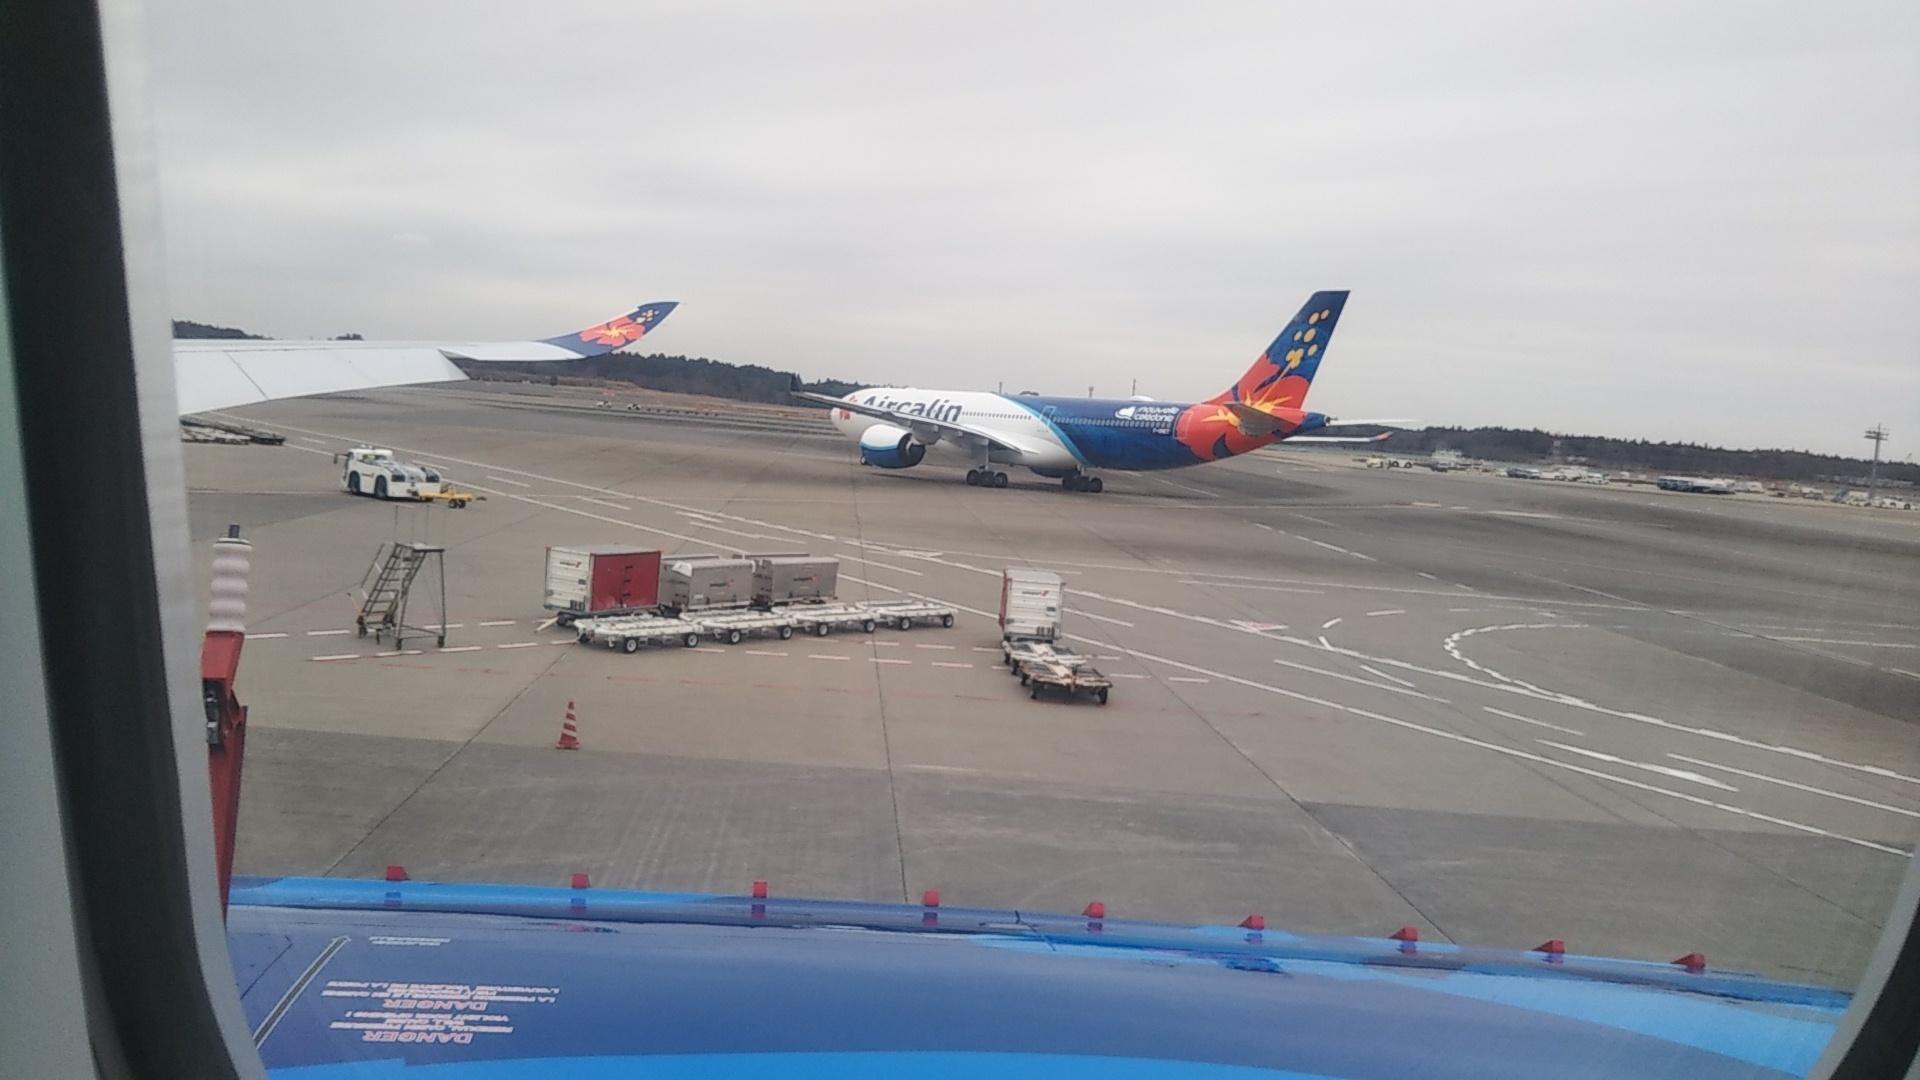 Departure_f0032130_12154720.jpg